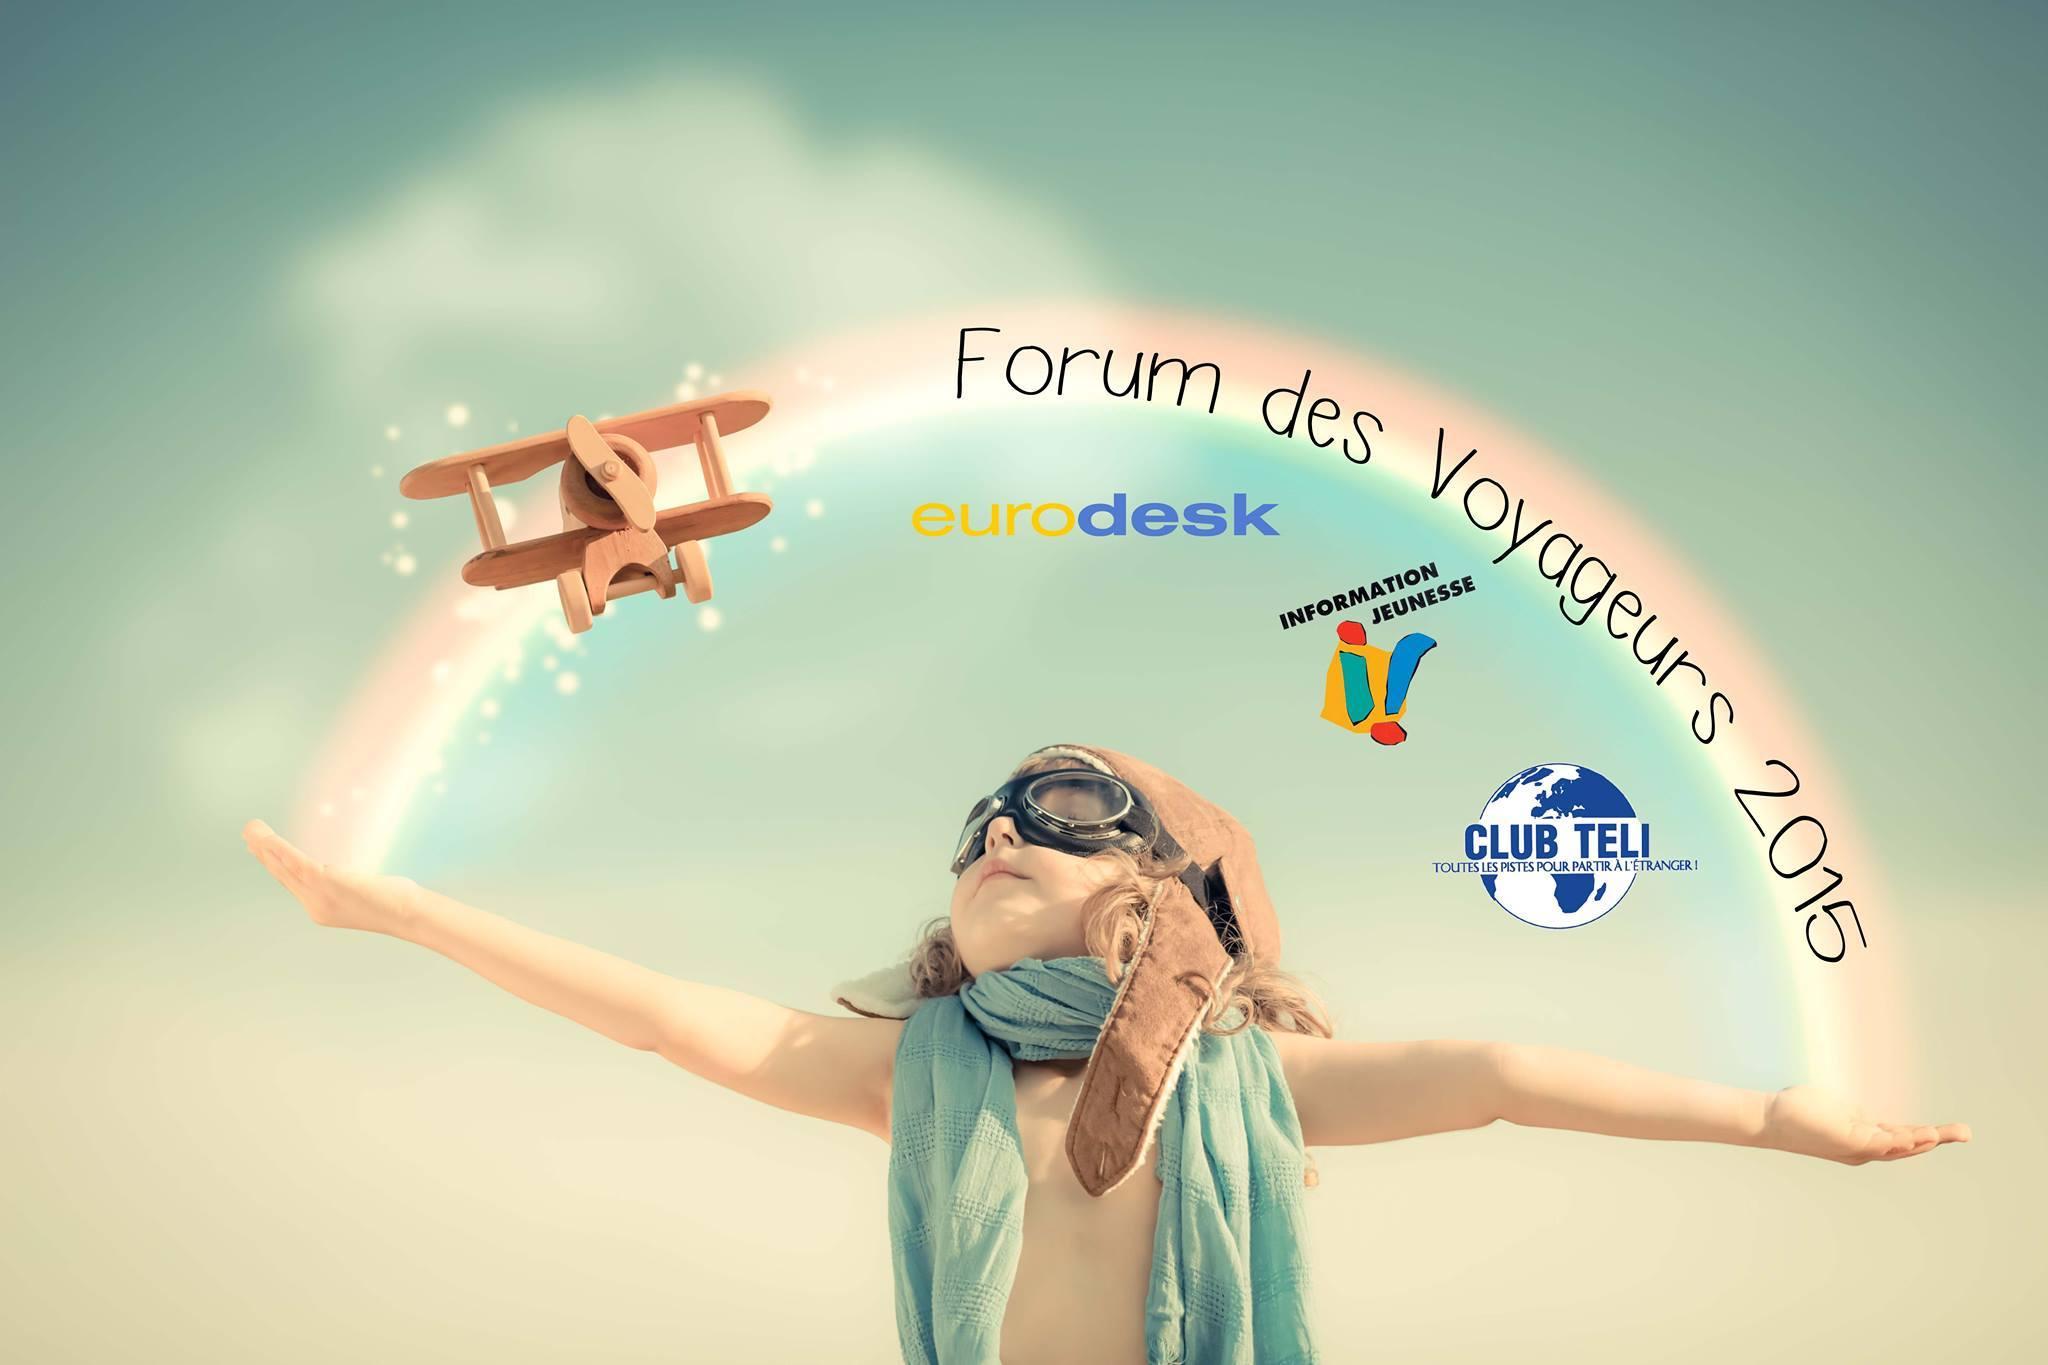 Forum des voyageurs